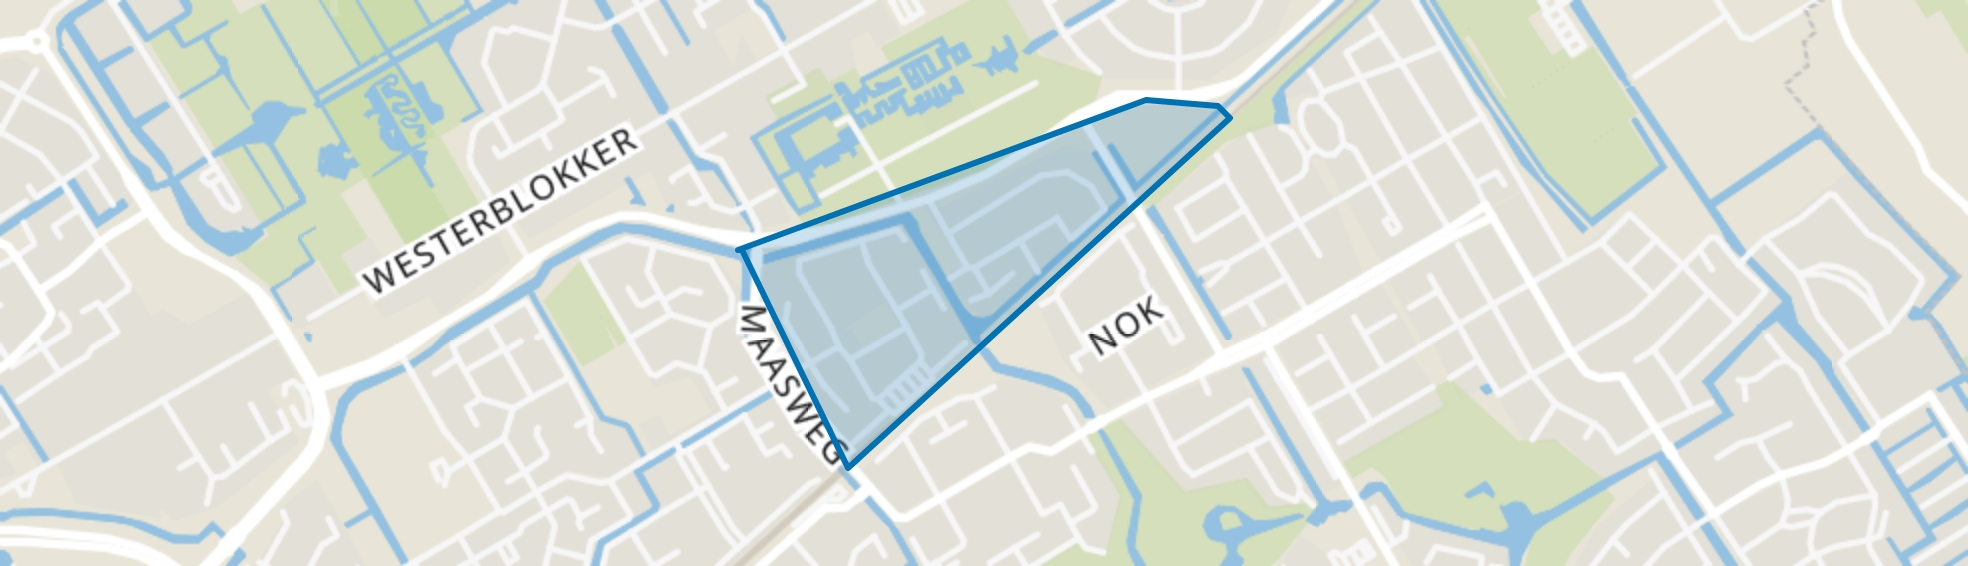 Kersenboogerd-Noord - Buurt 32 03, Hoorn (NH) map